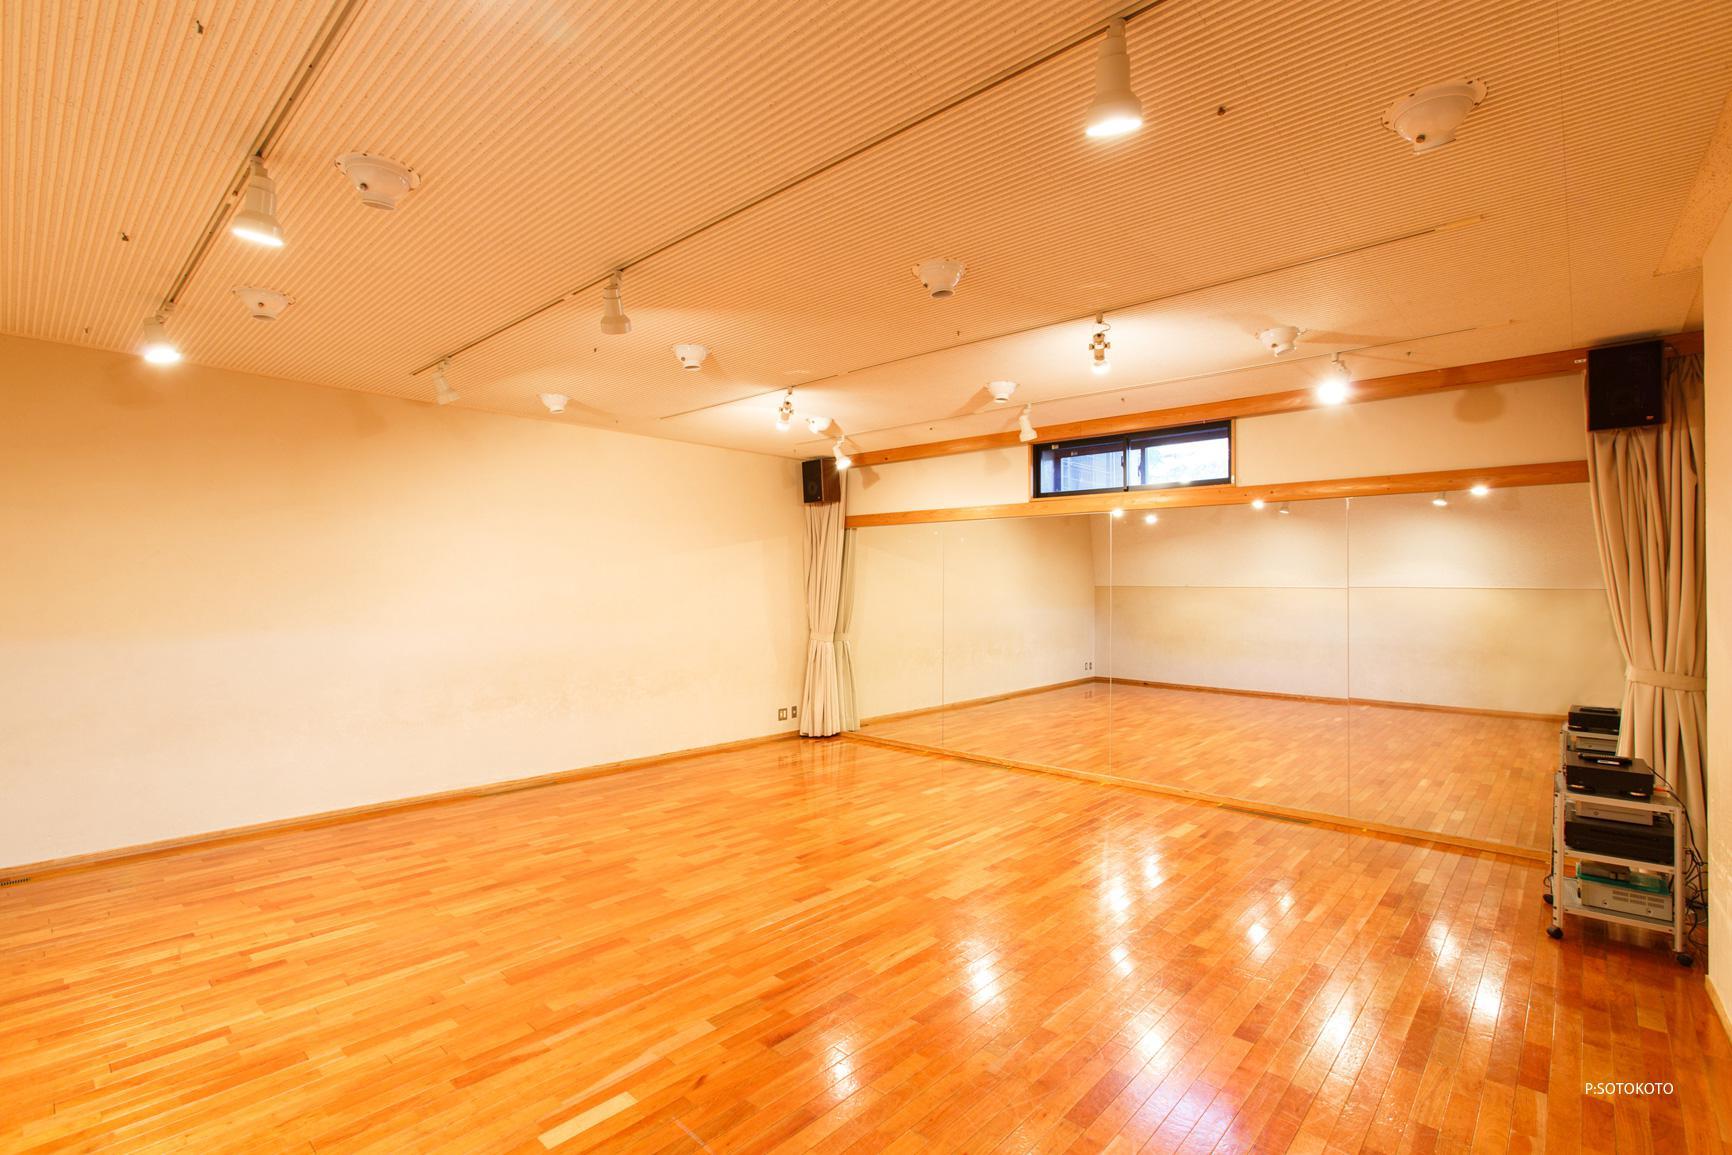 ズ ダンス スタジオ ソニ